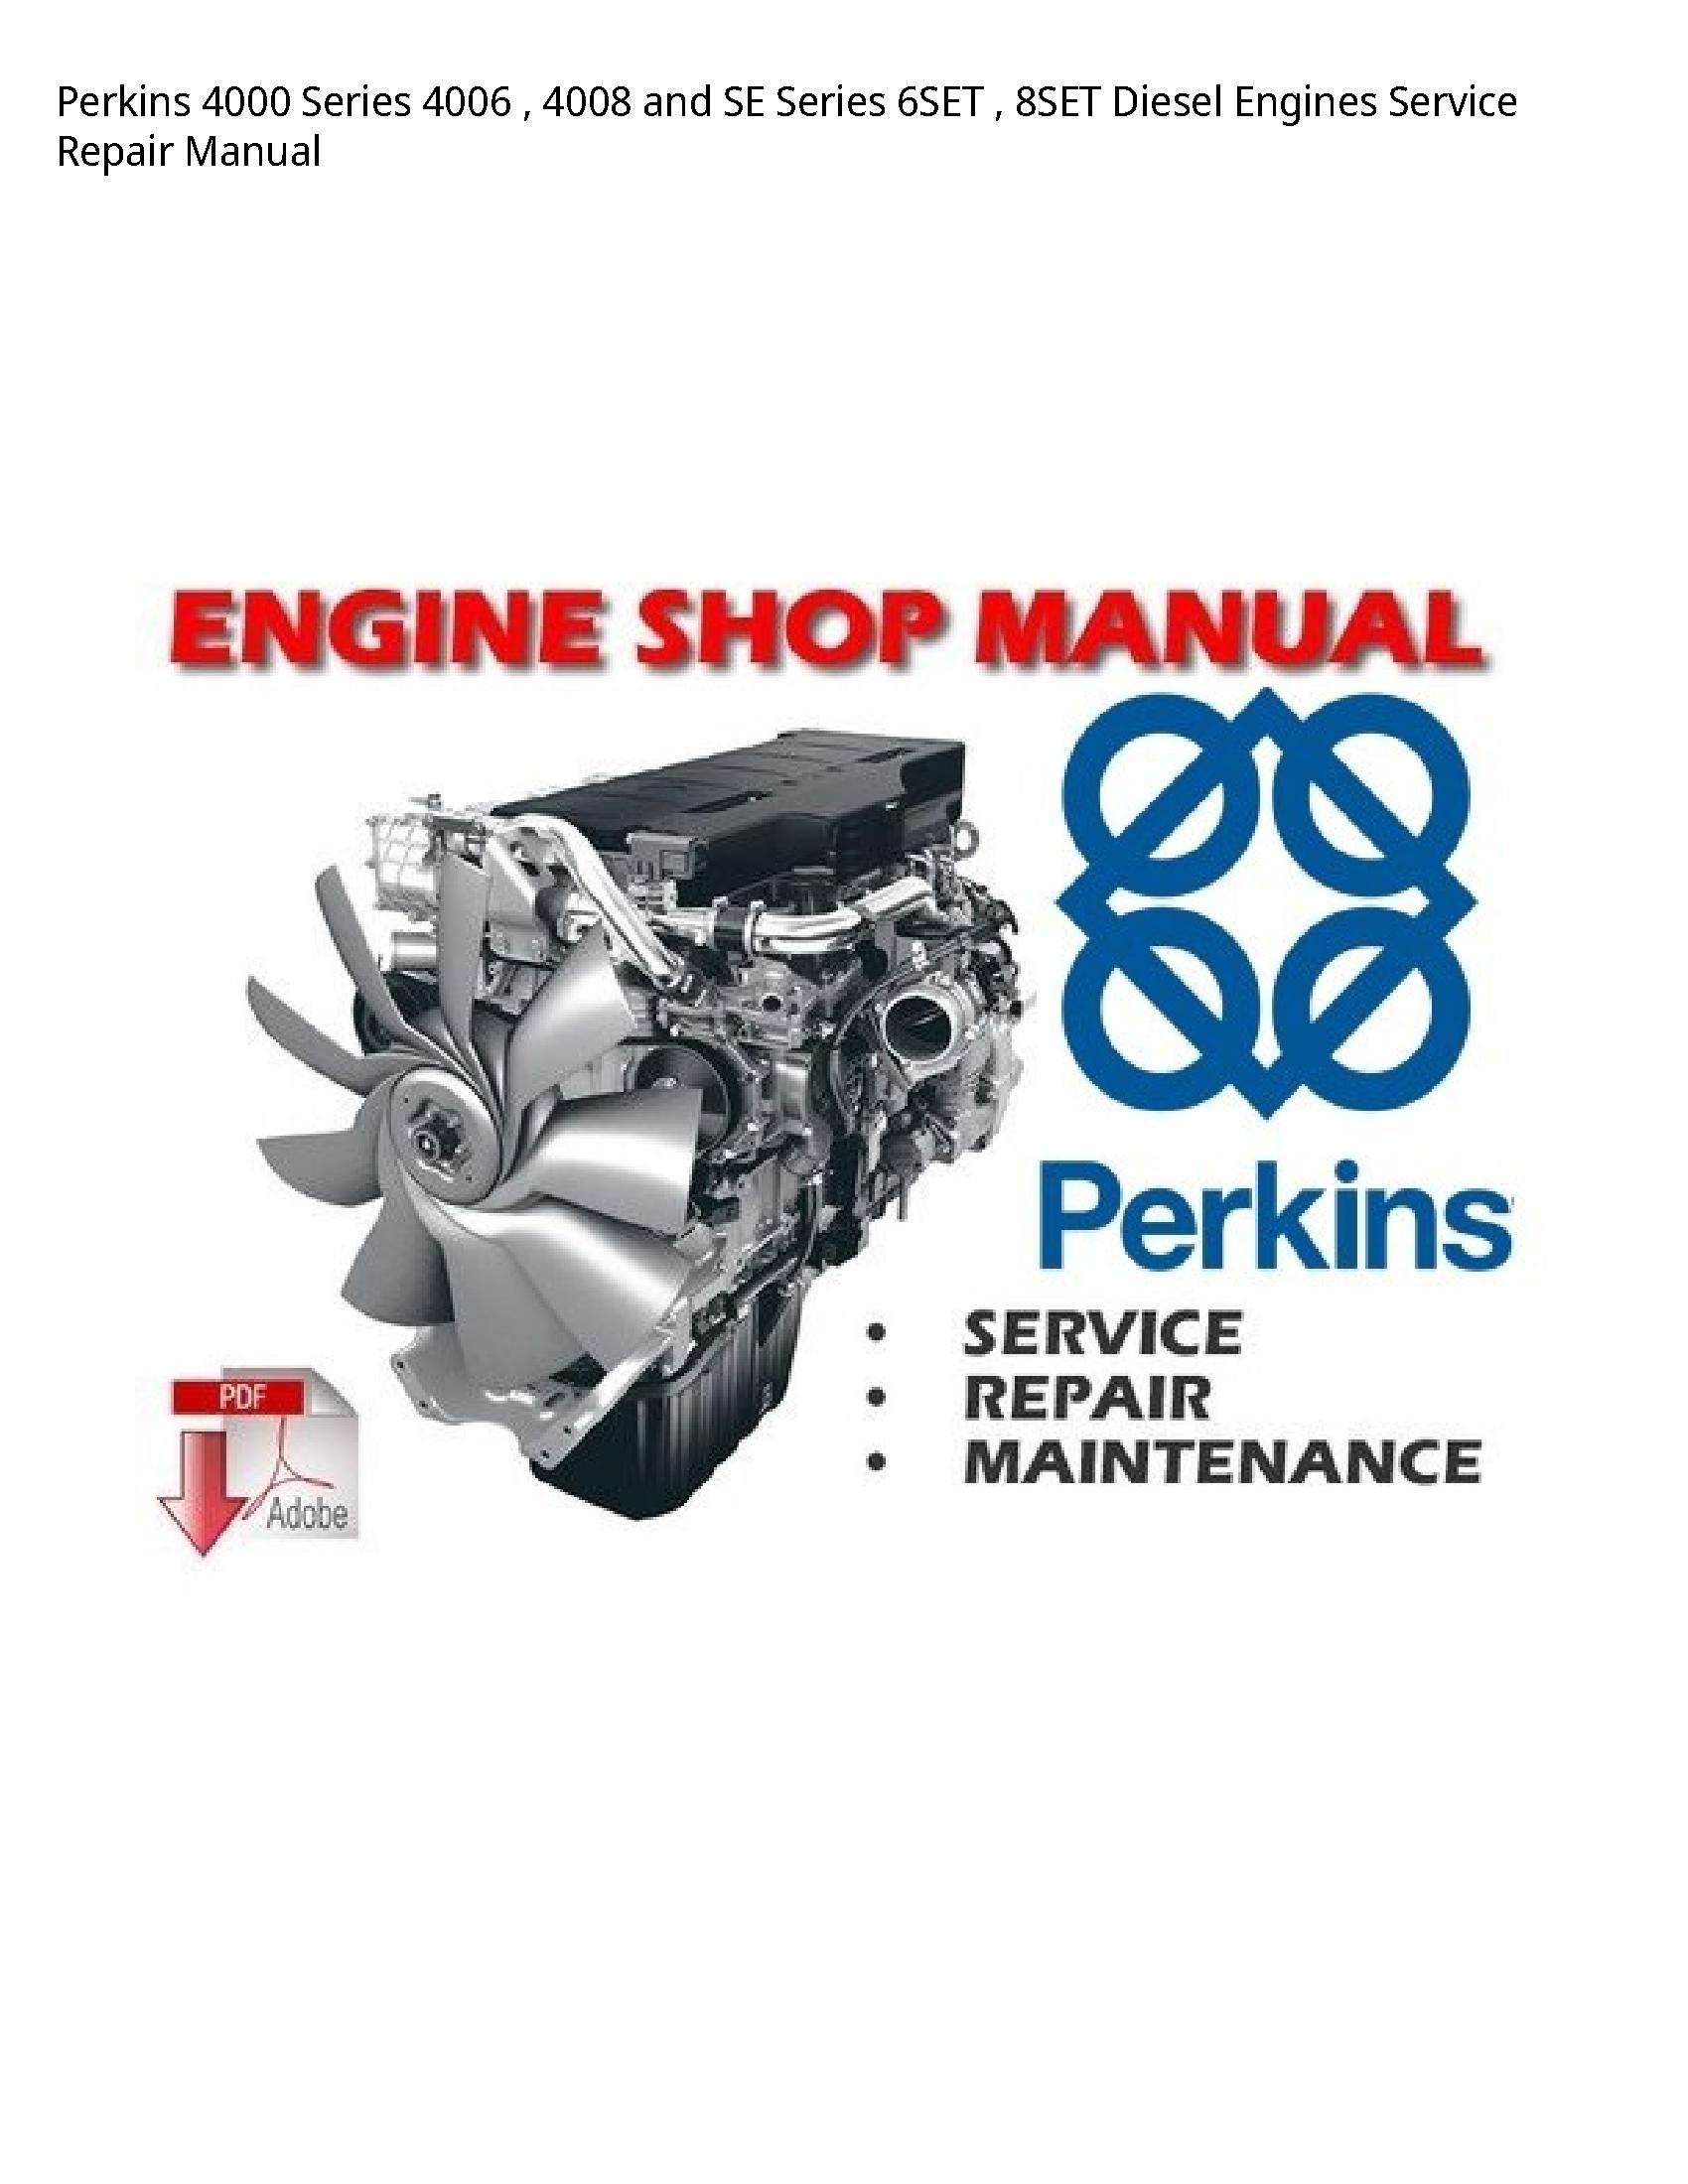 Perkins 4000 Series  SE Series Diesel Engines manual